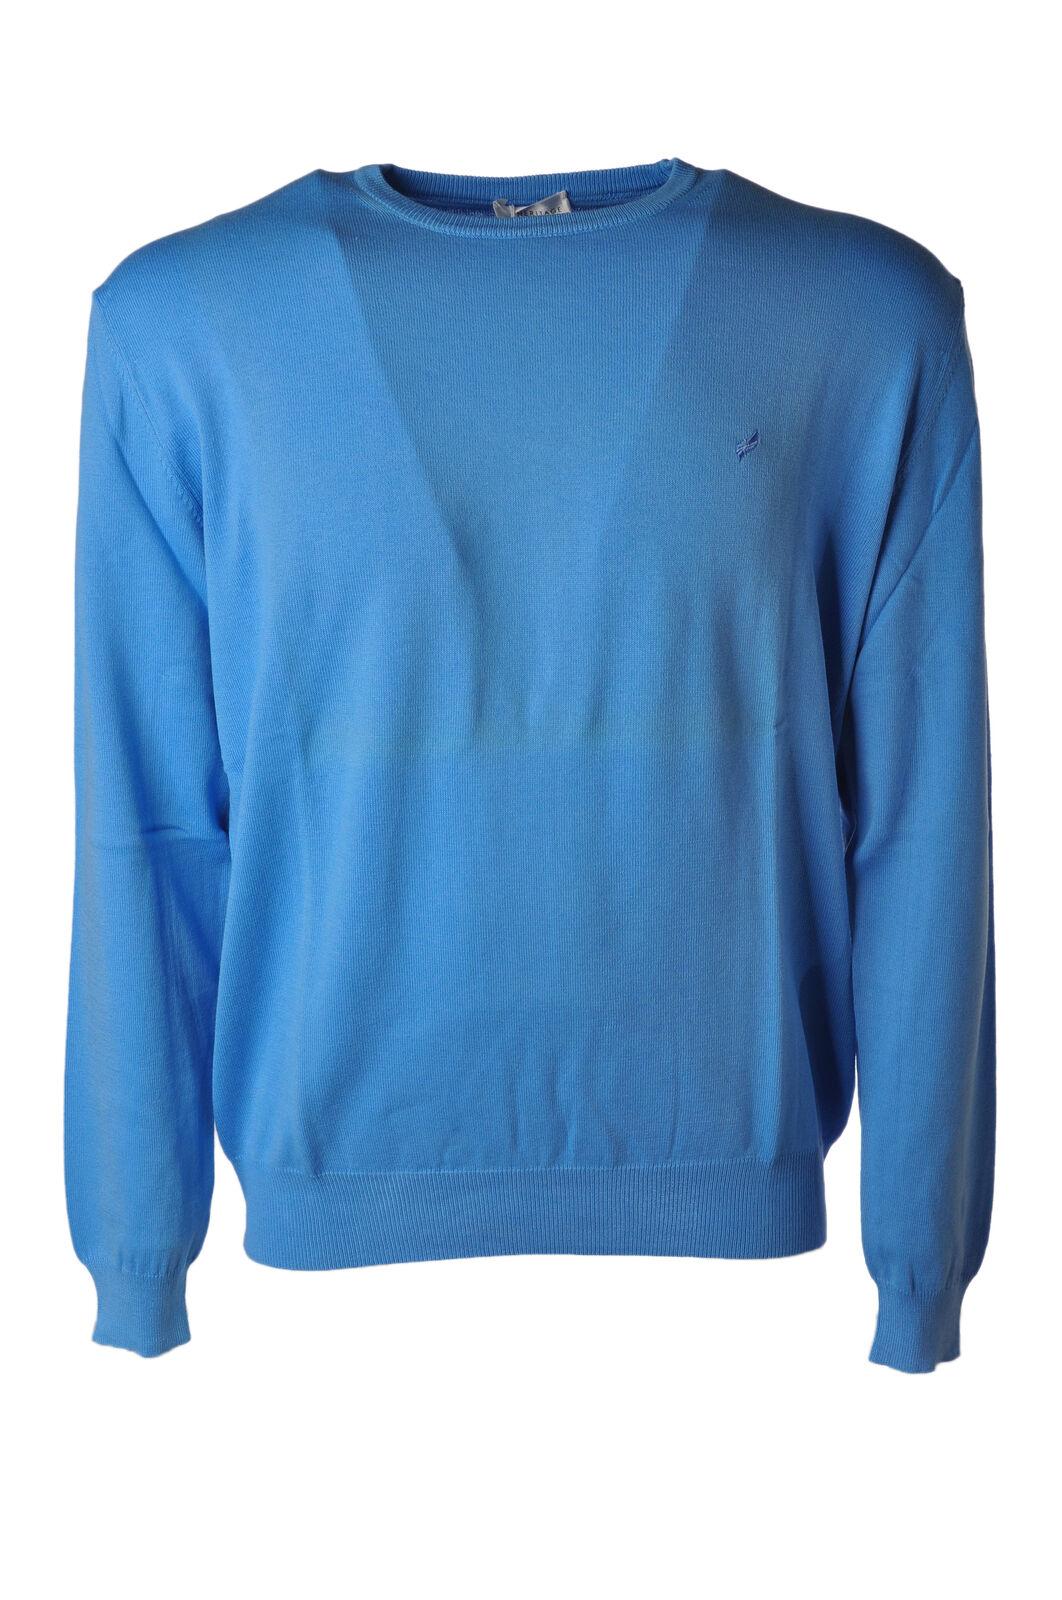 Heritage - Knitwear-Sweaters - Man - bluee - 4646028N184709